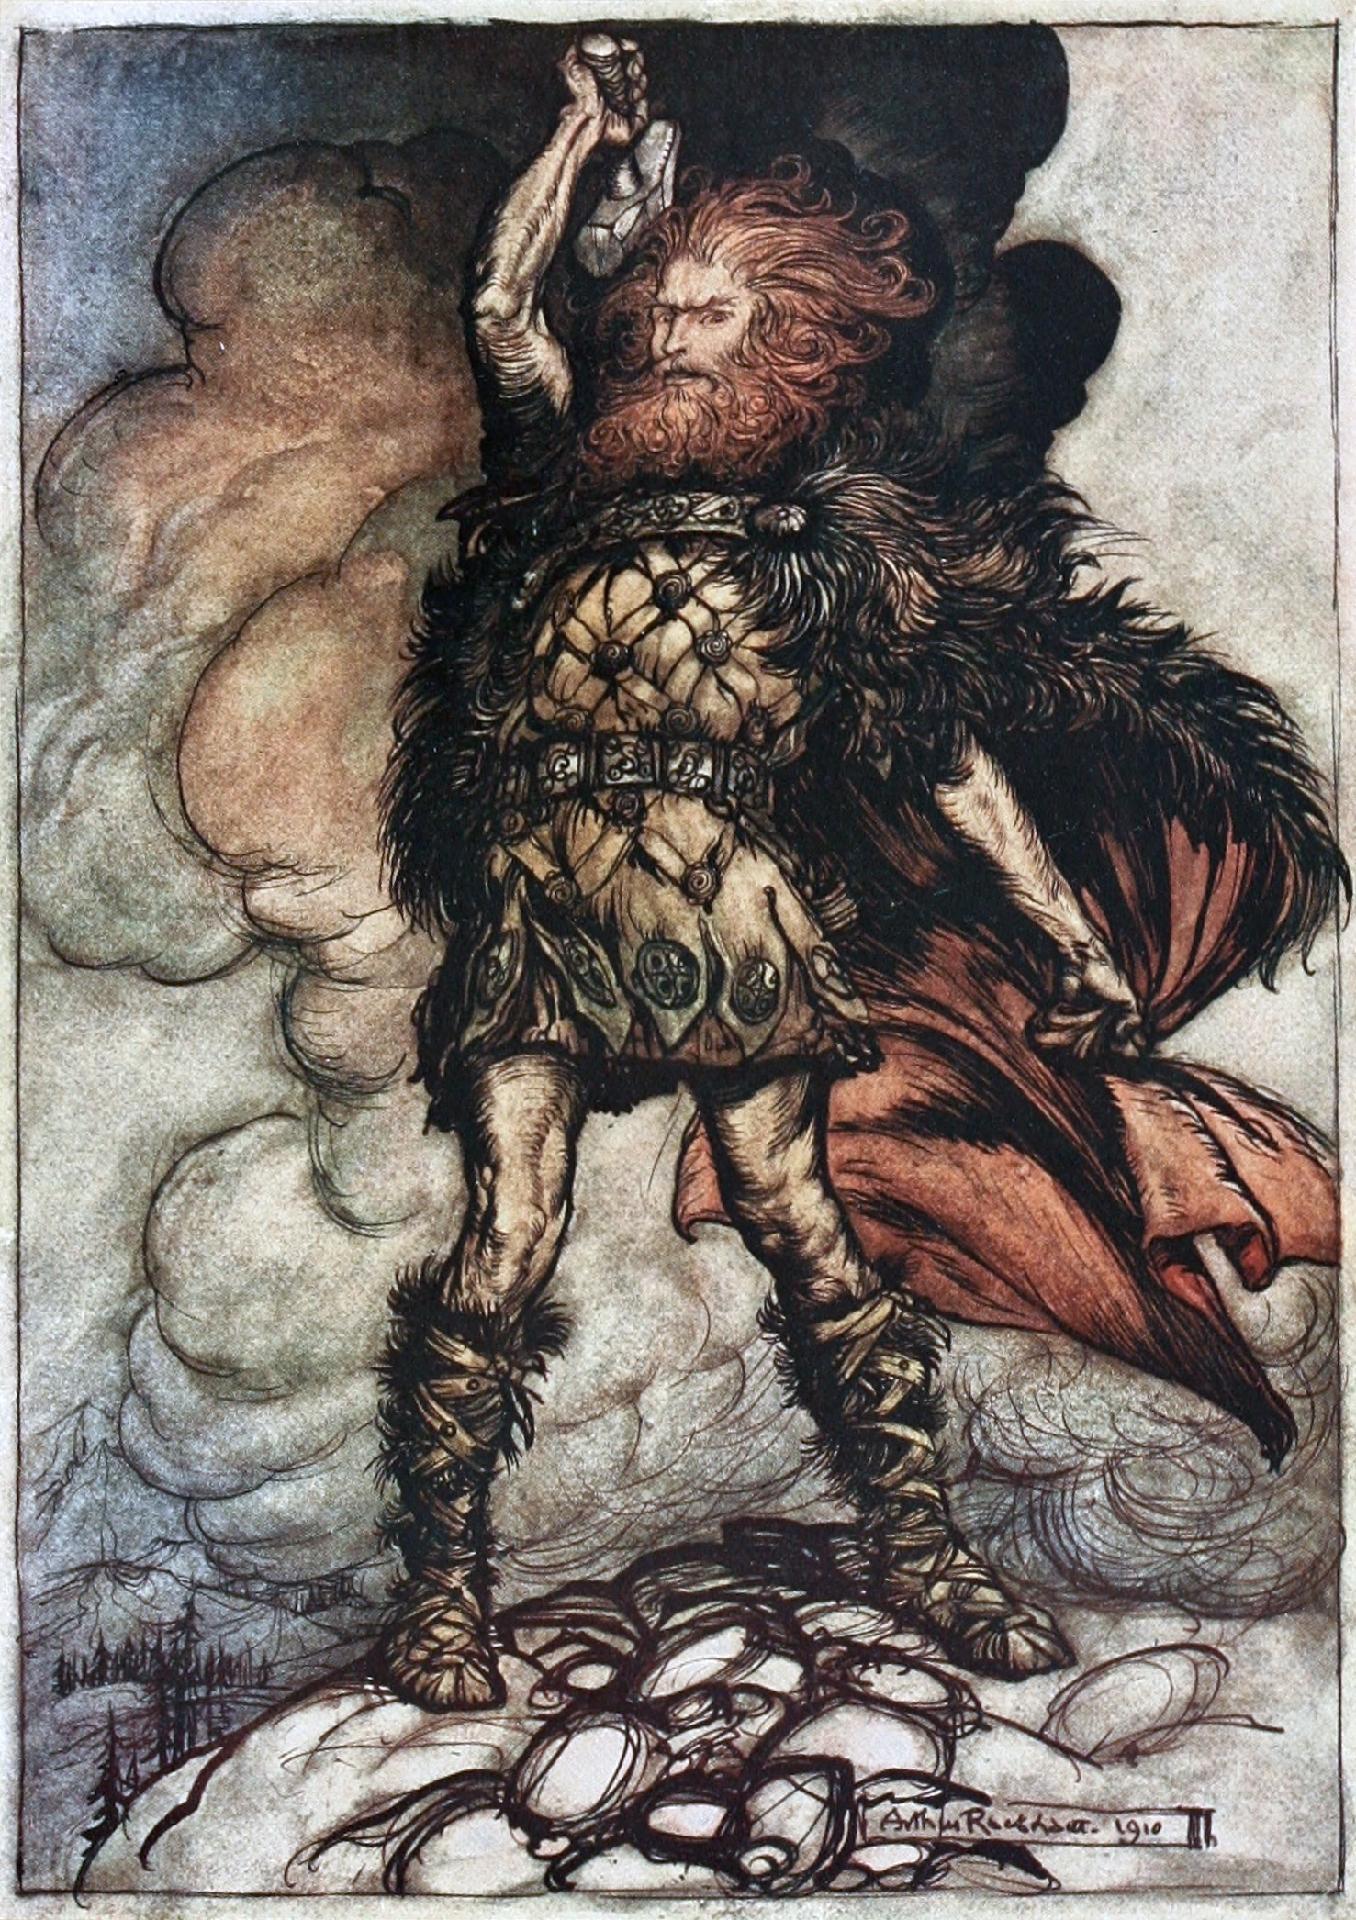 Os 12 principais deuses da mitologia nórdica